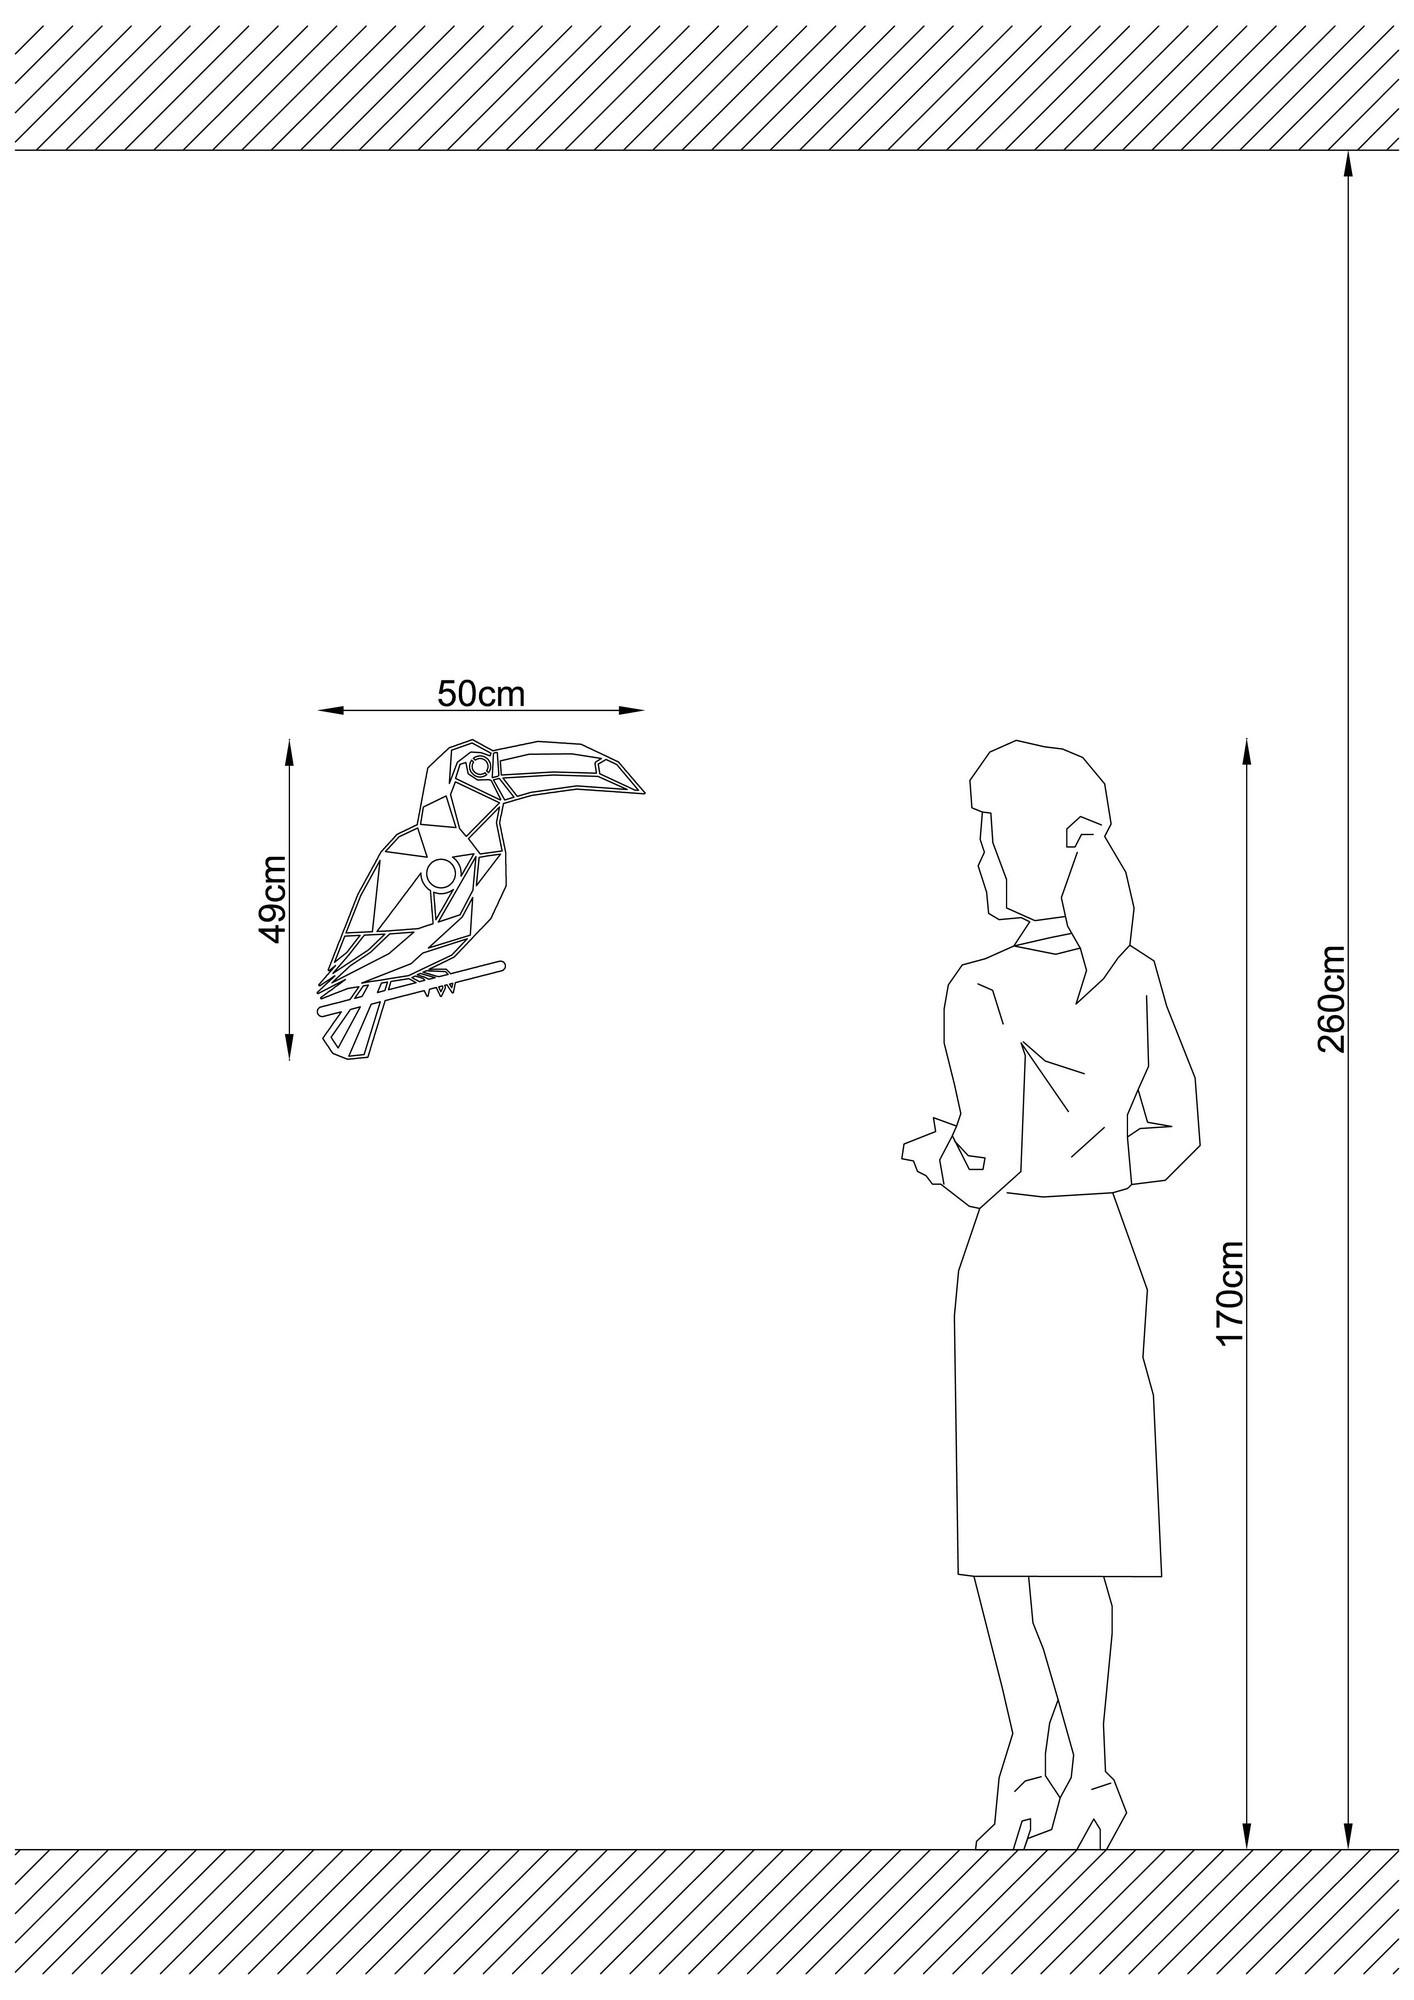 Industriële wanddecoratie dieren lamp - E27 fitting - Tukan - dimbaar - afmetingen